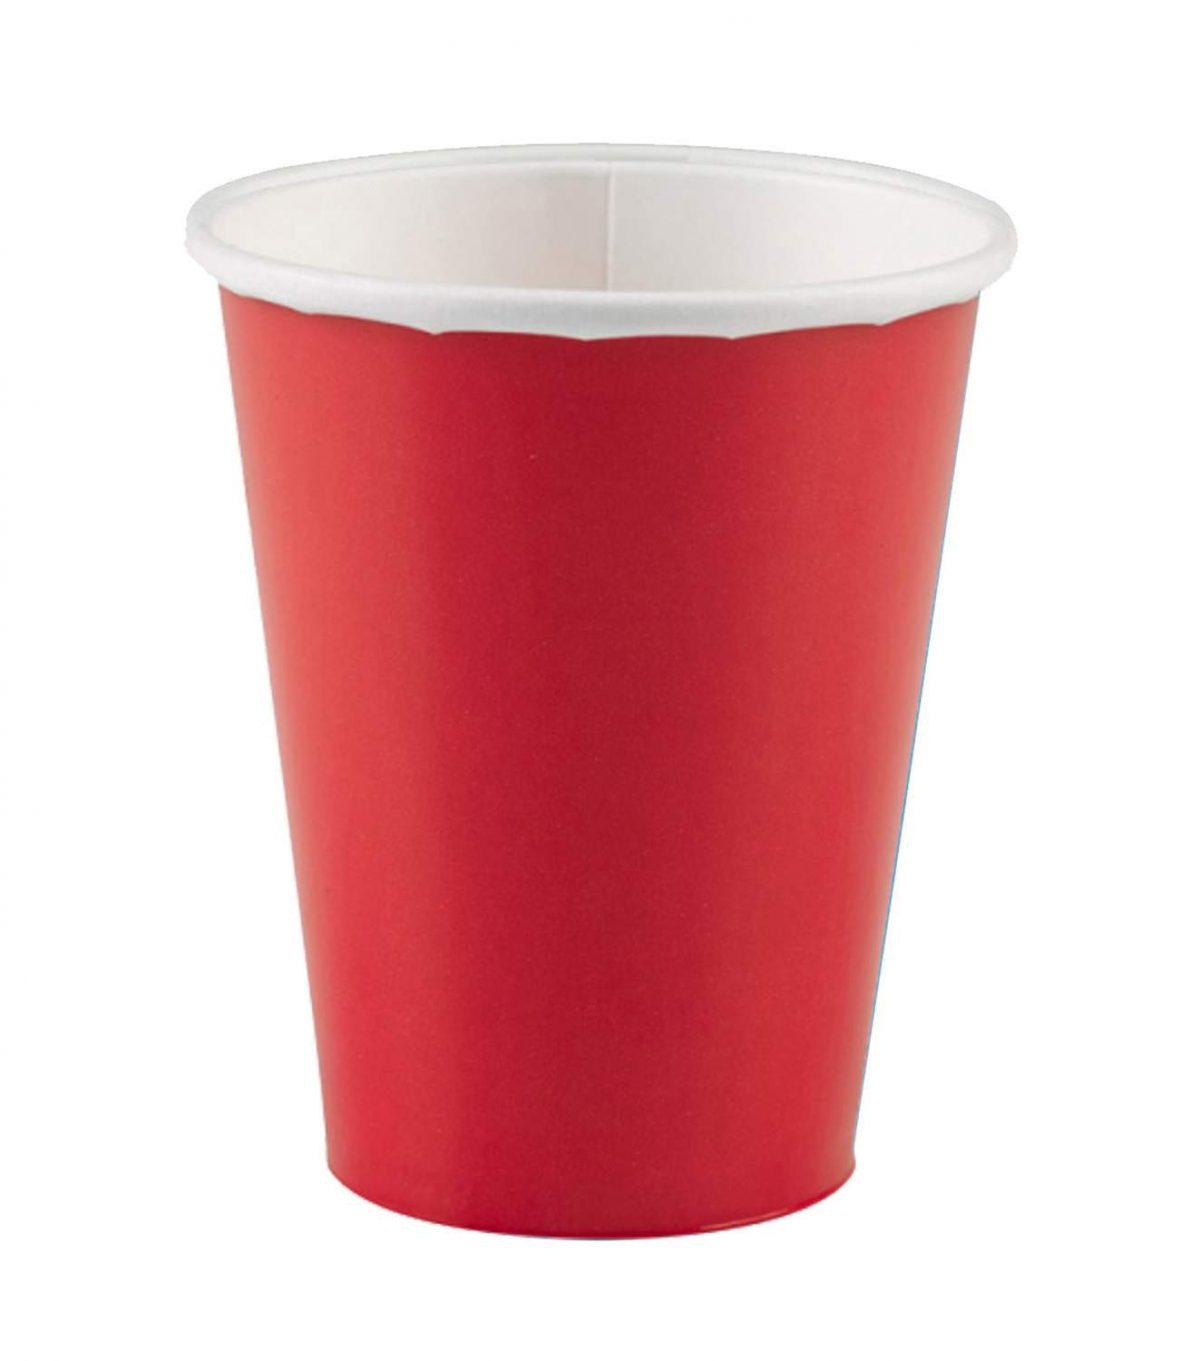 Ποτήρια πάρτυ χάρτινα κόκκινα (8 τεμ)